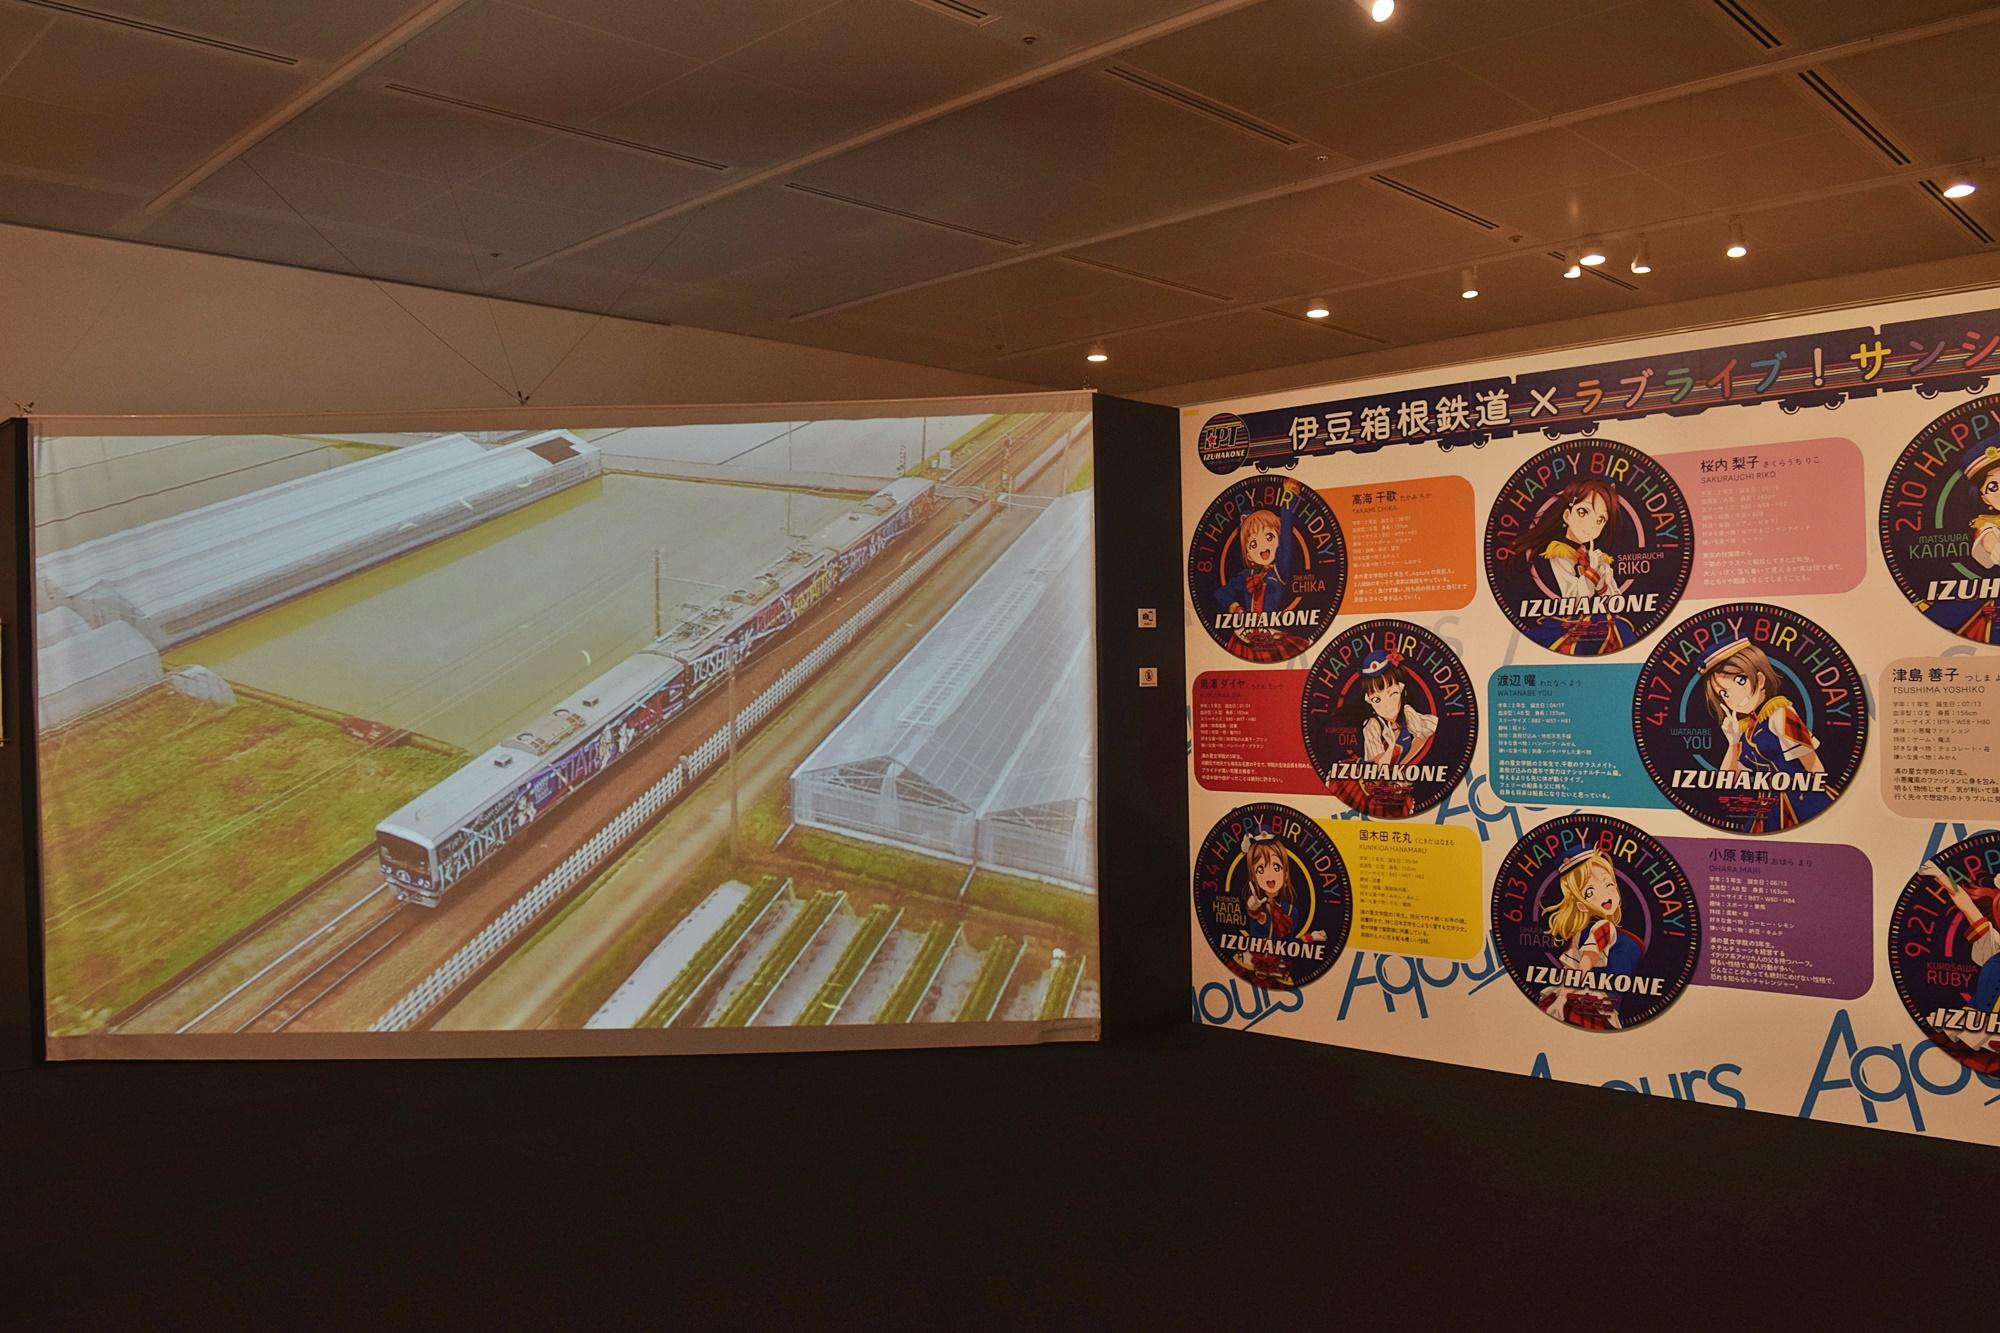 「アニメと鉄道展」を鉄道BIG4が大絶賛! 『ラブライブ!サンシャイン!!』、『この世界の片隅に』、『機動警察パトレイバー』、『ISLAND』などが展示-9